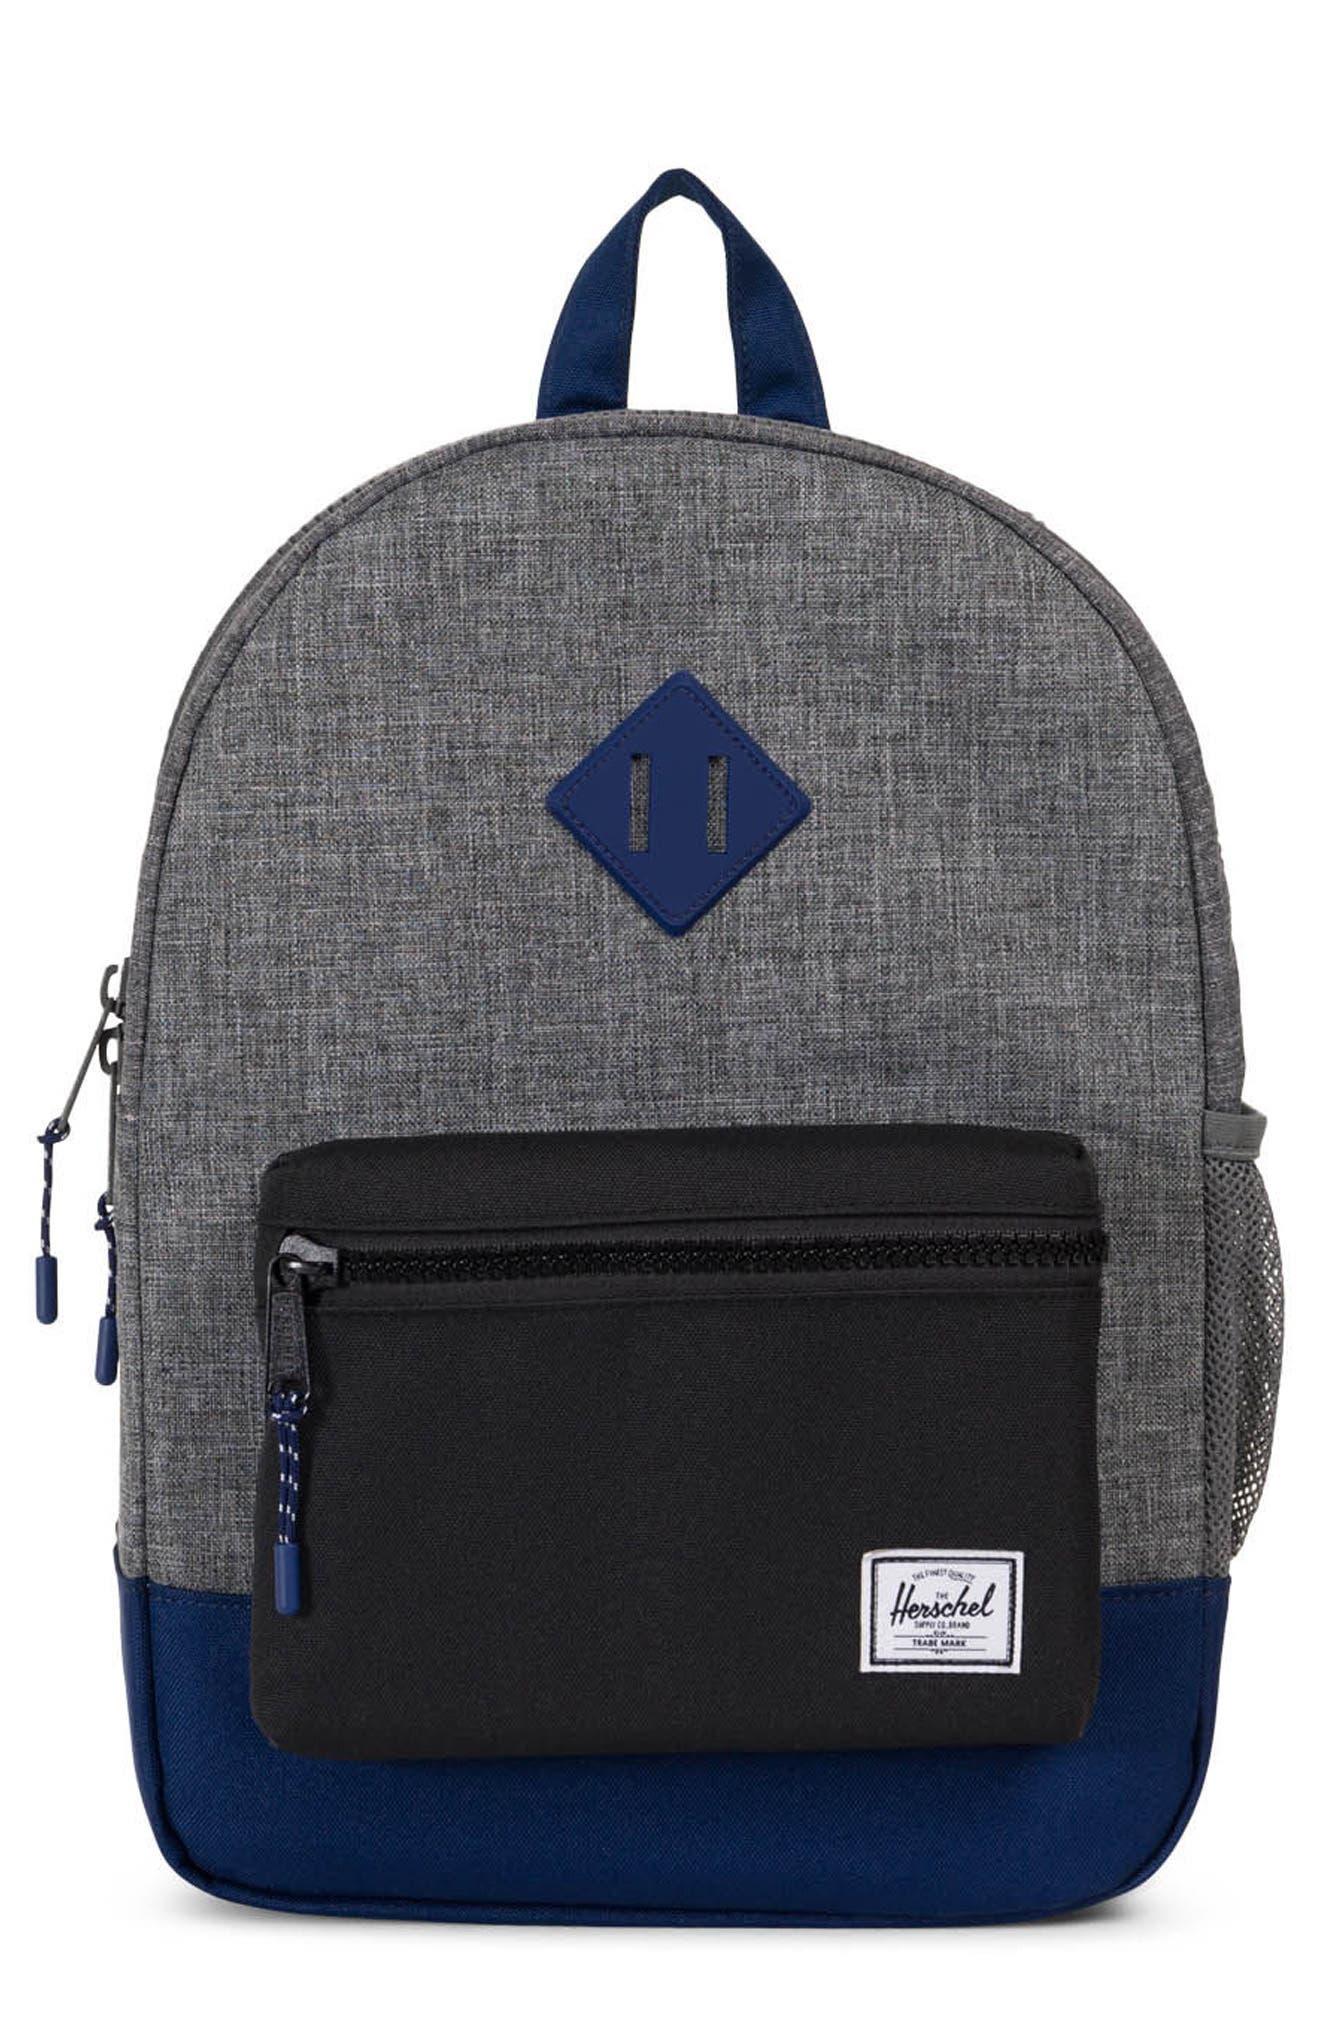 Heritage Backpack,                         Main,                         color, Raven/ Black